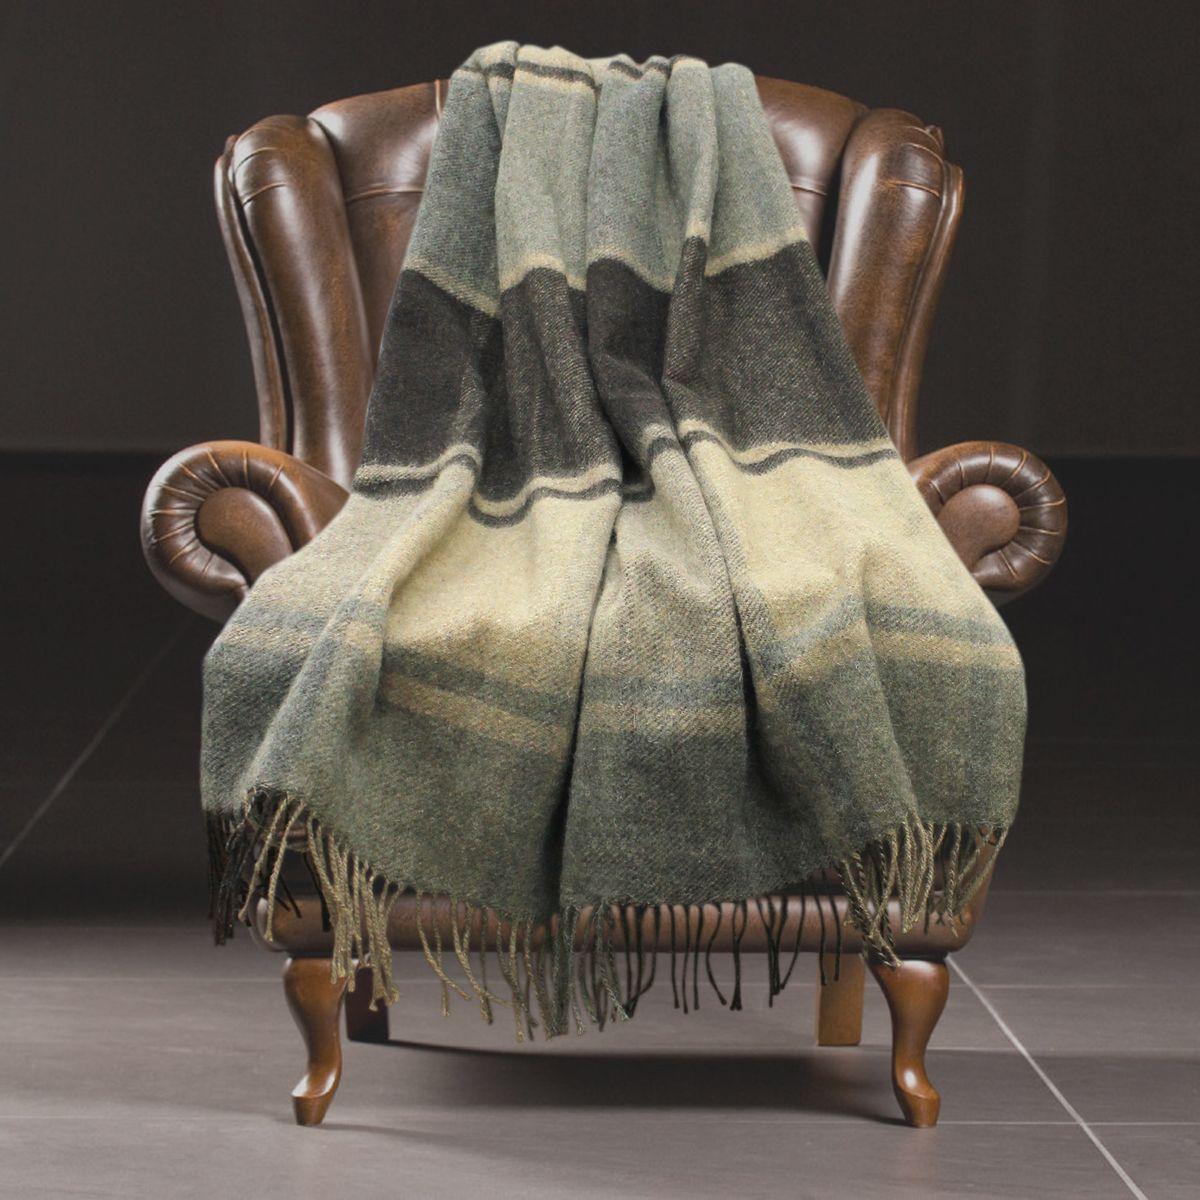 Плед Amore Mio Classic. Montreal, 140 х 200 см83002Мягкий, теплый и уютный плед Amore Mio Classic. Montreal изготовлен из шерсти. Ланолин - природный воск, содержащийся в шерсти новозеландской овцы, окутывает каждое волокно. Он защищает изделие от загрязнений, от домашних насекомых, предотвращает появление аллергических реакций. Натуральные волокна придают изделию красоту и блеск щелка, поверхность пледа мягка и невероятно приятна для кожи. Натуральная шерсть новозеландской овцы обладает прекрасными лечебными свойствами. Она помогает при в спине и суставах, улучшает кровообращение. Эксклюзивные дизайны, разработанные с учетом тенденций рынка и запросов покупателей, дарят коллекции дополнительную привлекательность.